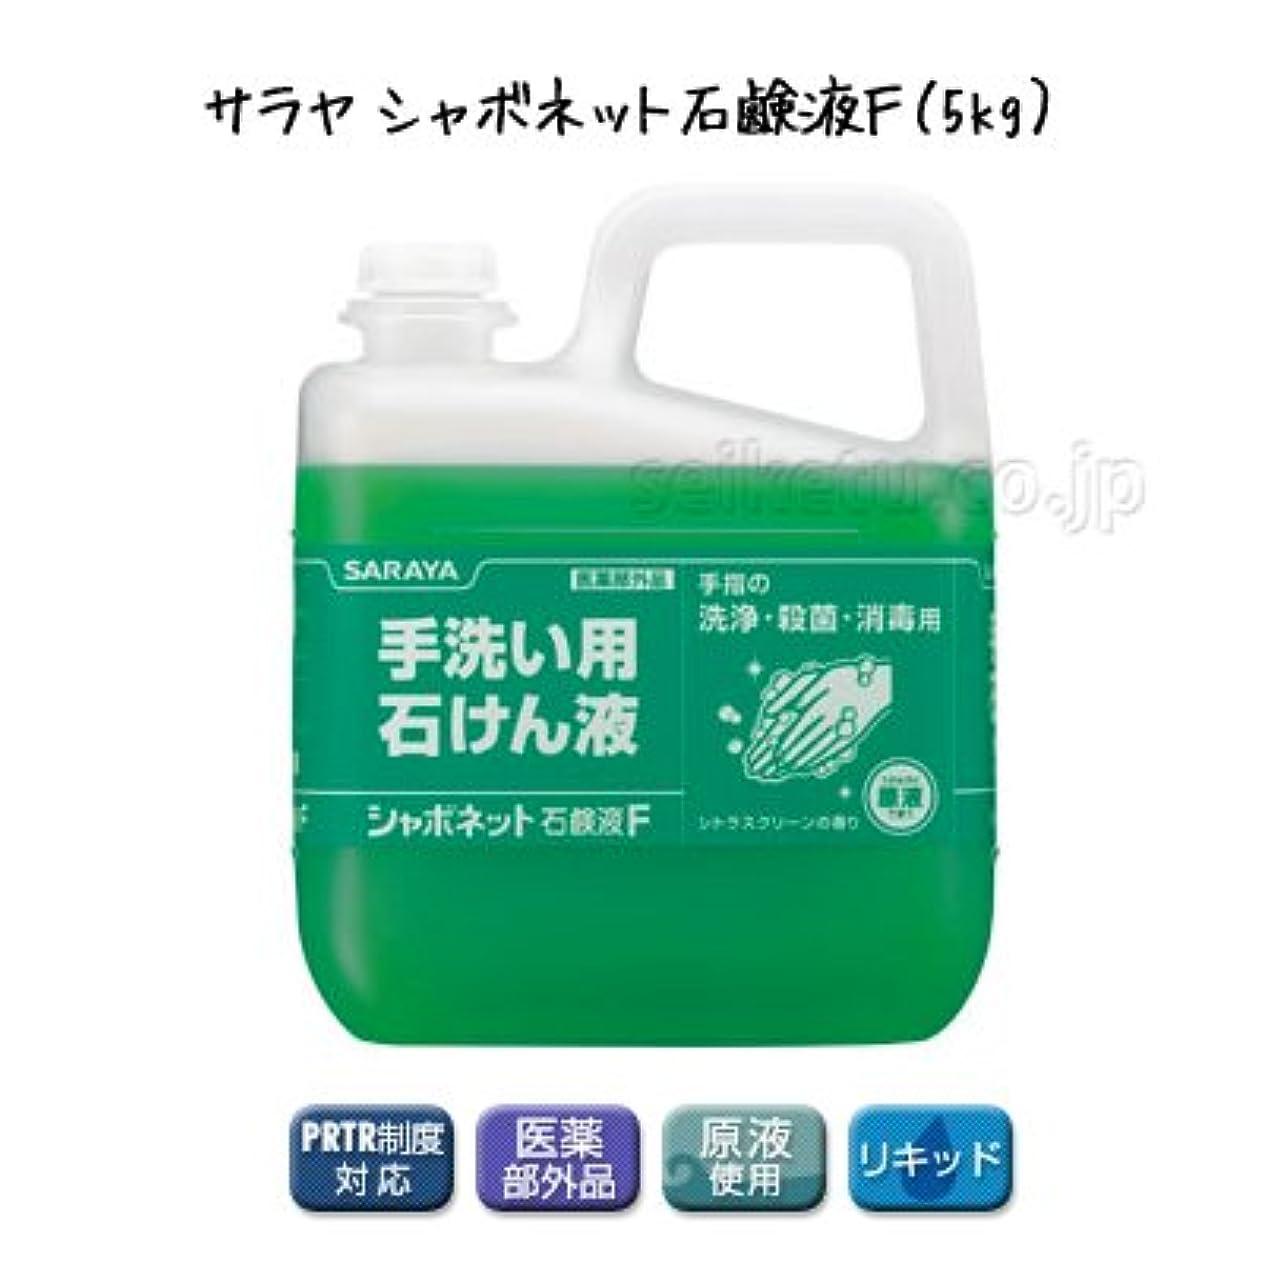 民族主義毎月後世【清潔キレイ館】サラヤ シャボネット石鹸液F(5kg)